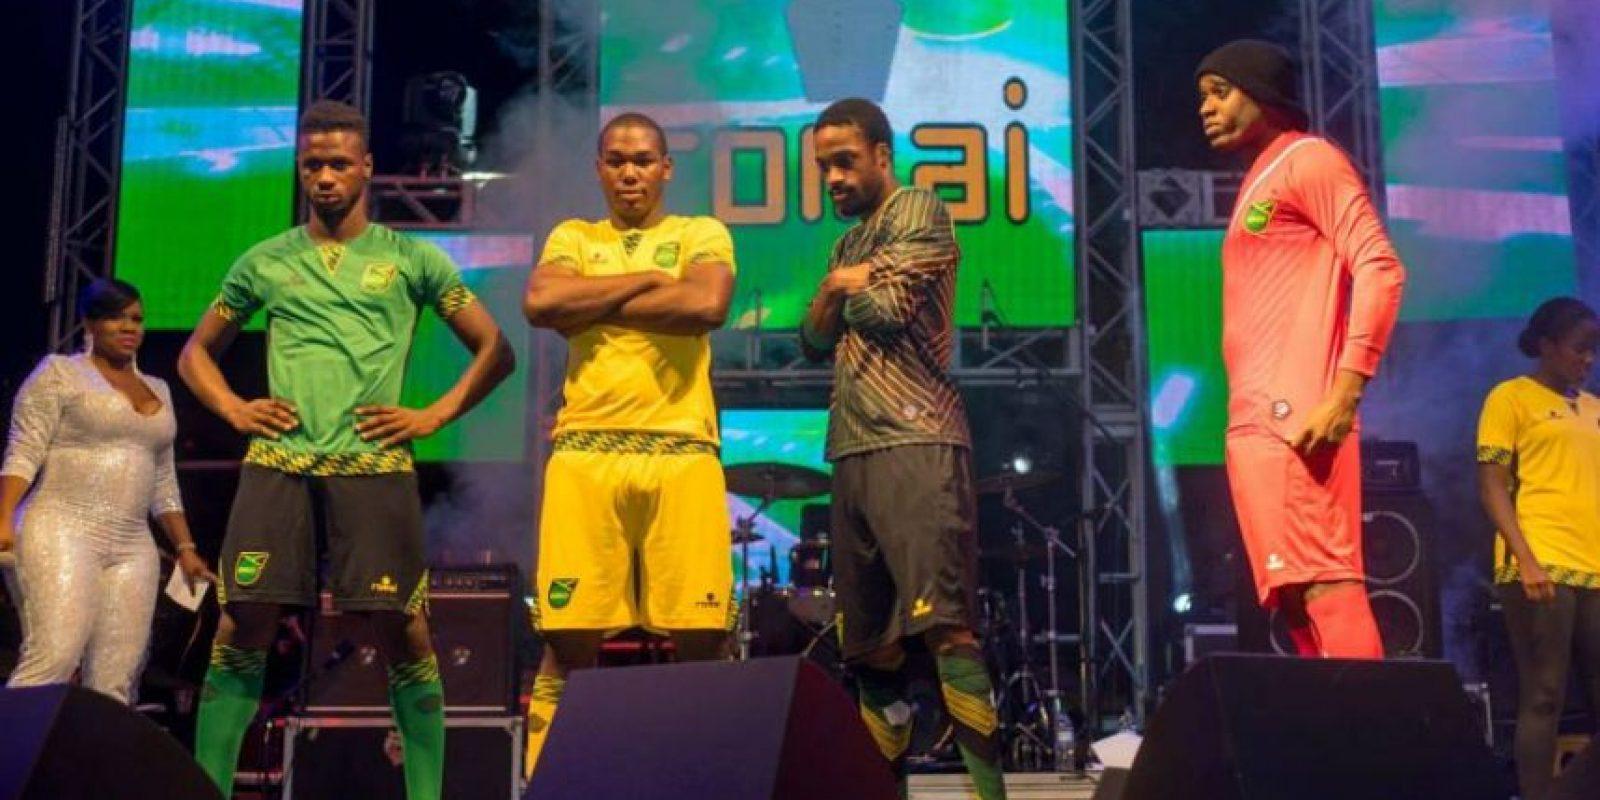 Jamaica Foto:Vía facebook.com/JamaicaFootballFederation